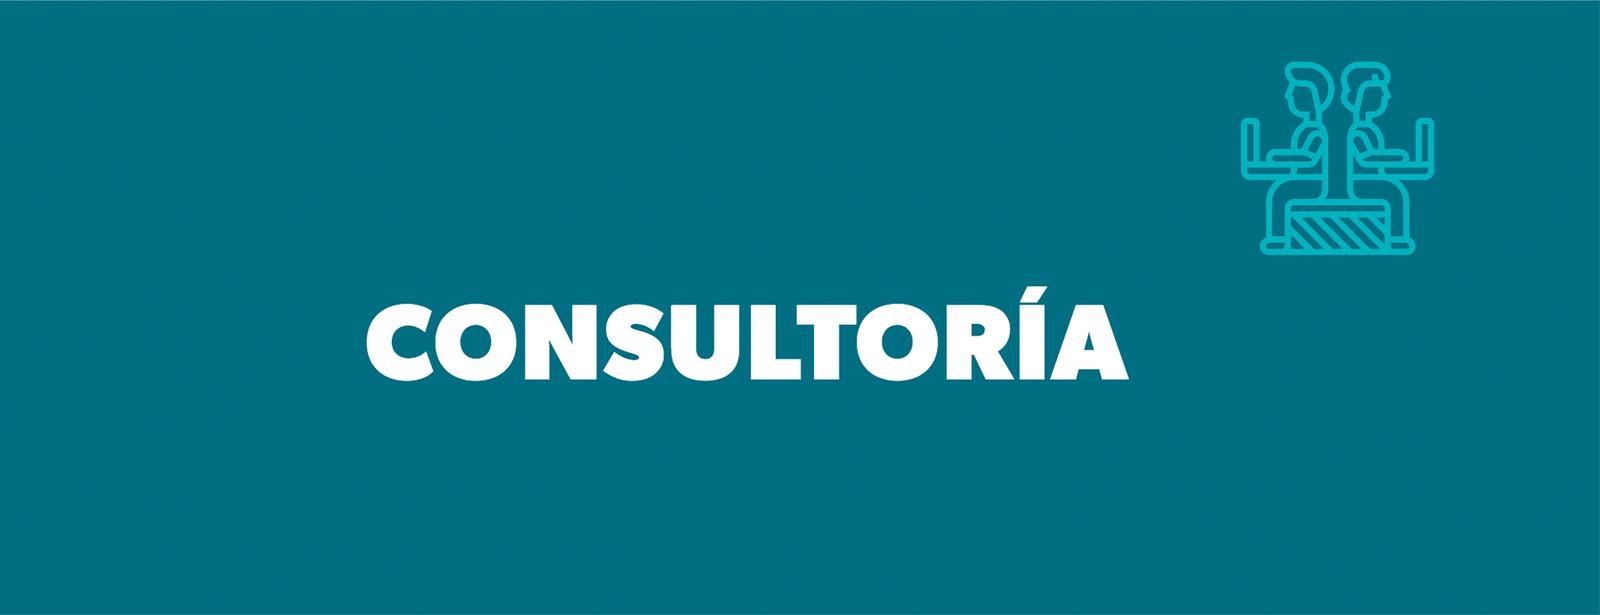 Consultoría de Ciencias Sociales de la Universidad de los Andes